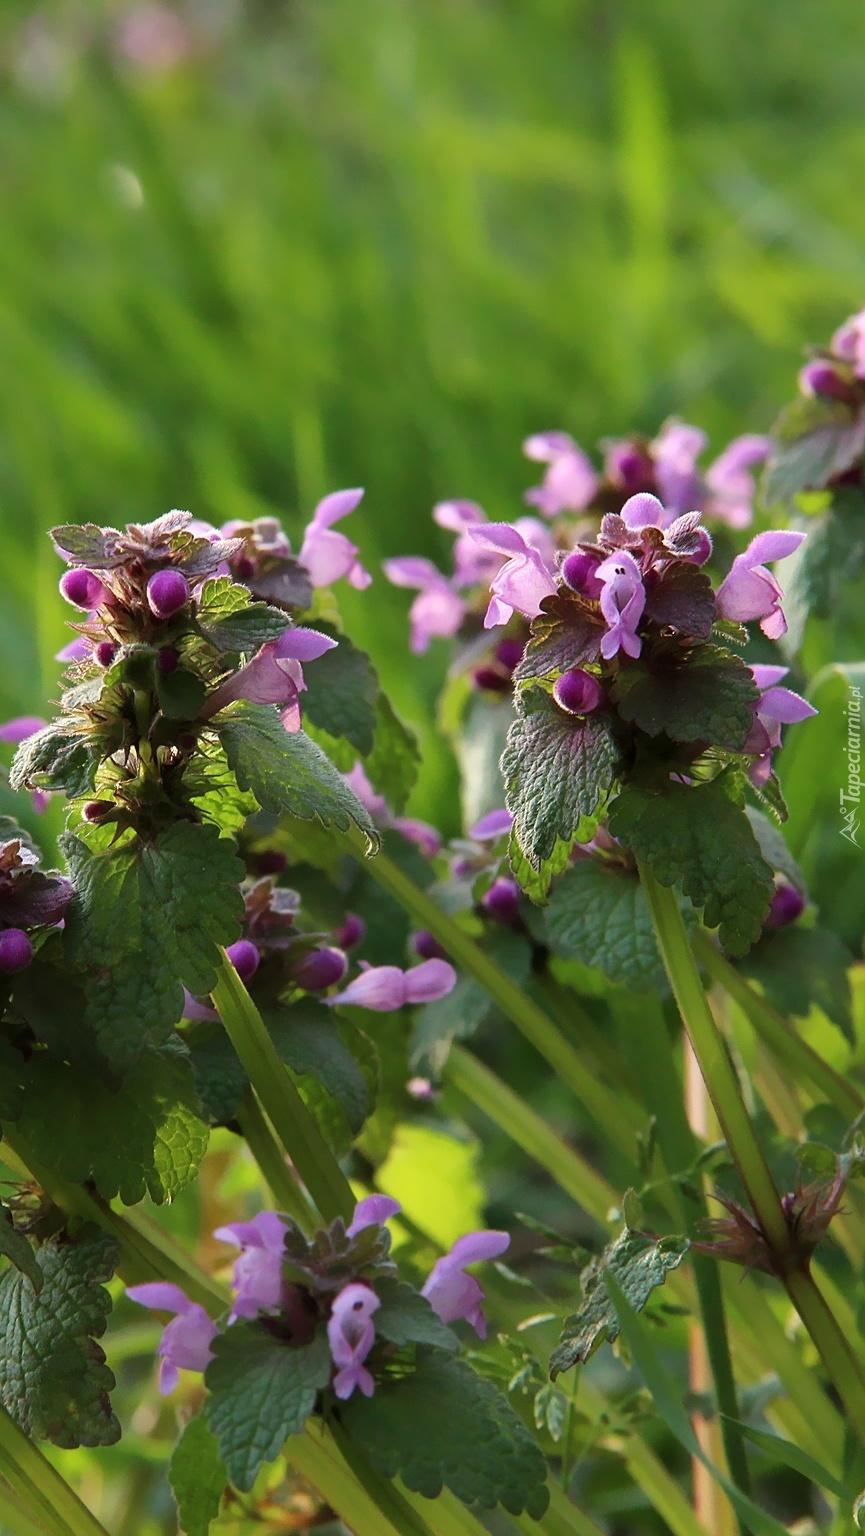 Fioletowe kwiaty pokrzywy